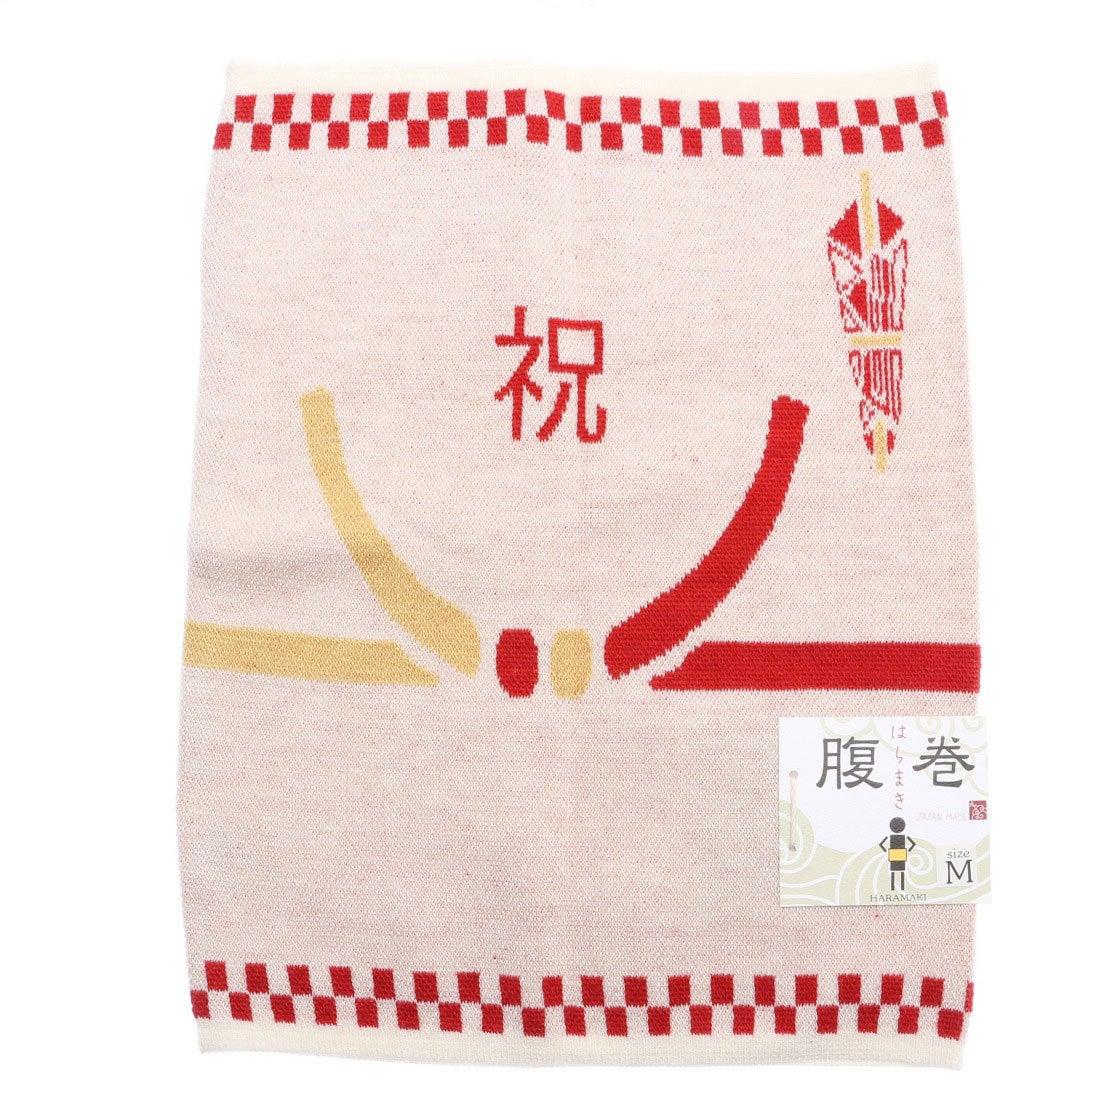 【カヤ】祝い腹巻き Mサイズ ホワイト×レッド